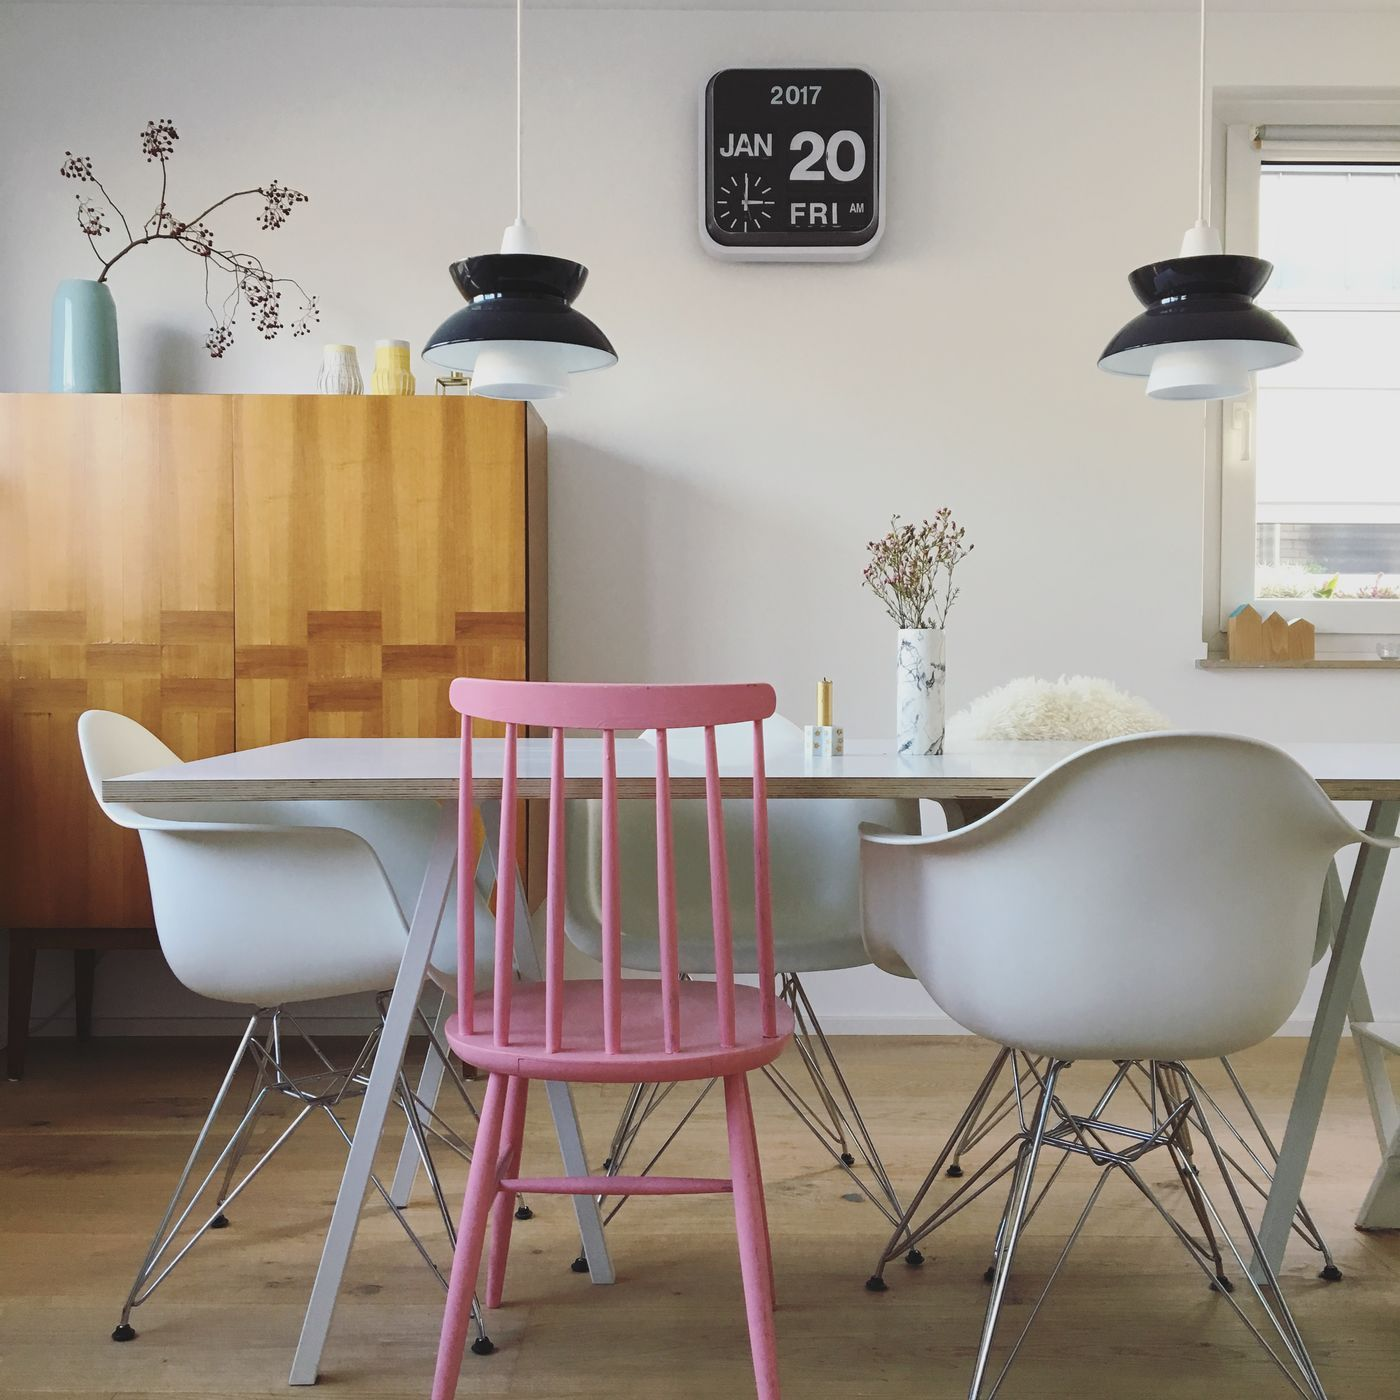 Die Schönsten Ideen Für Deine Wandfarbe: Die Schönsten Ideen Für Deine Wohnküche!